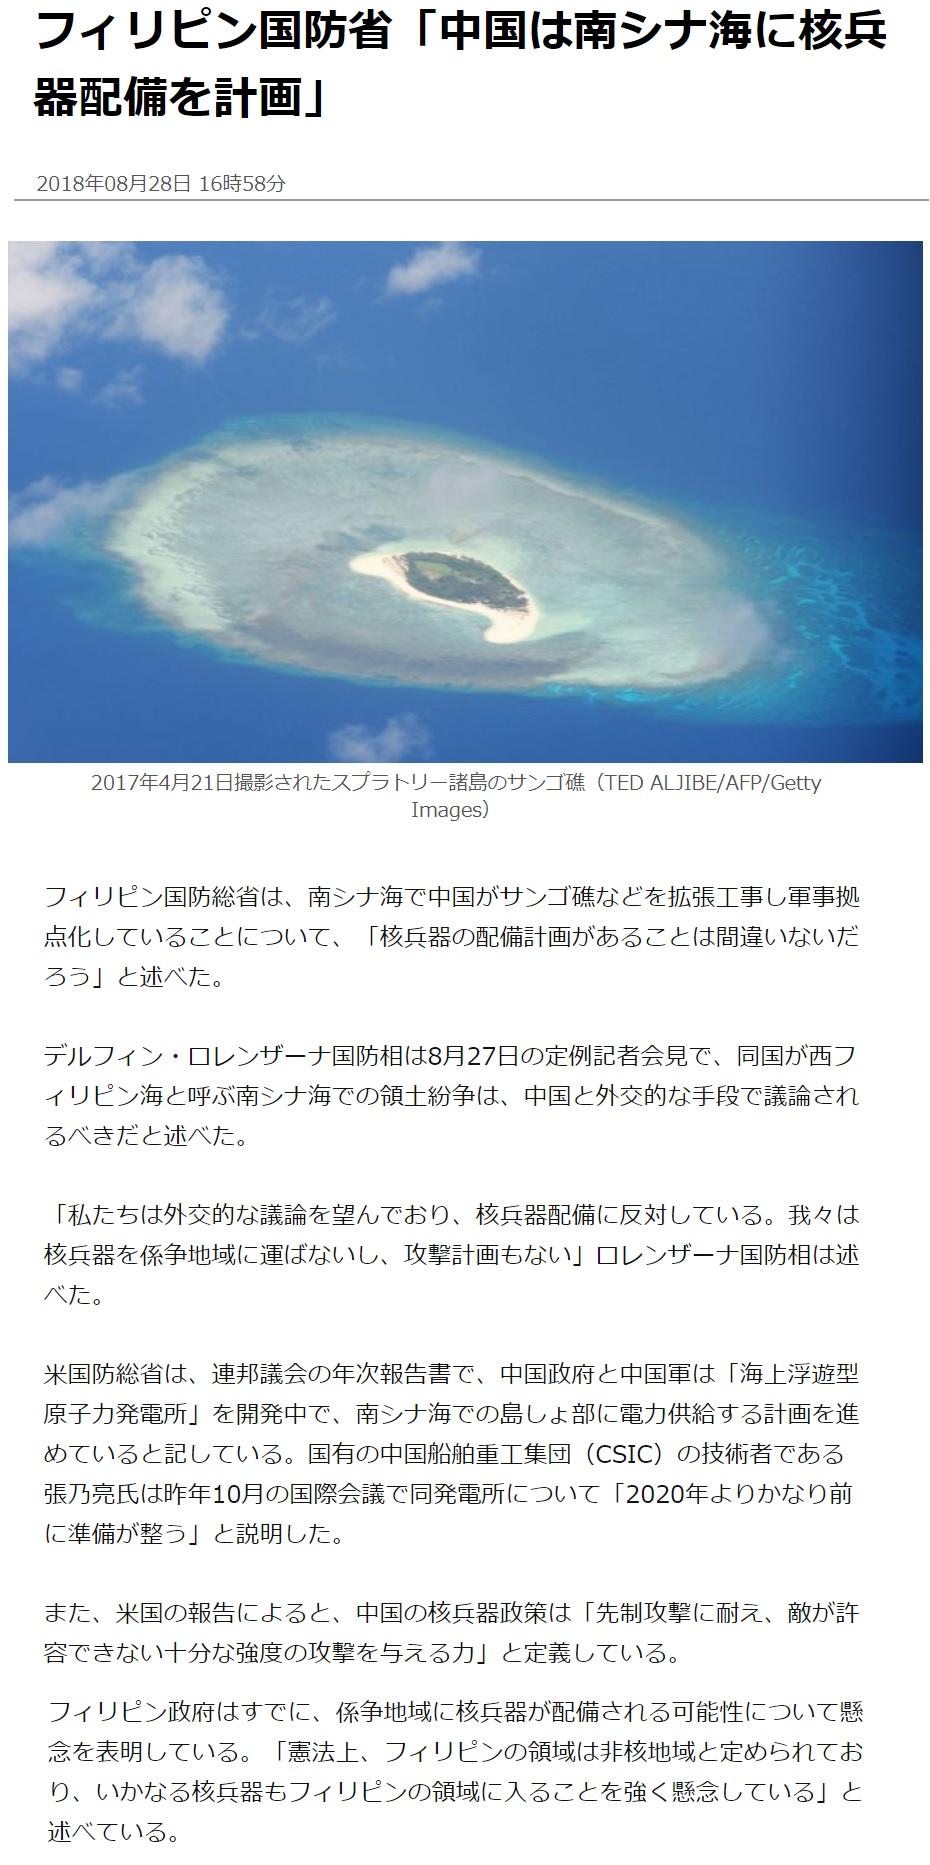 フィリピン国防省「シナが南シナ海に核兵器配備を計画」